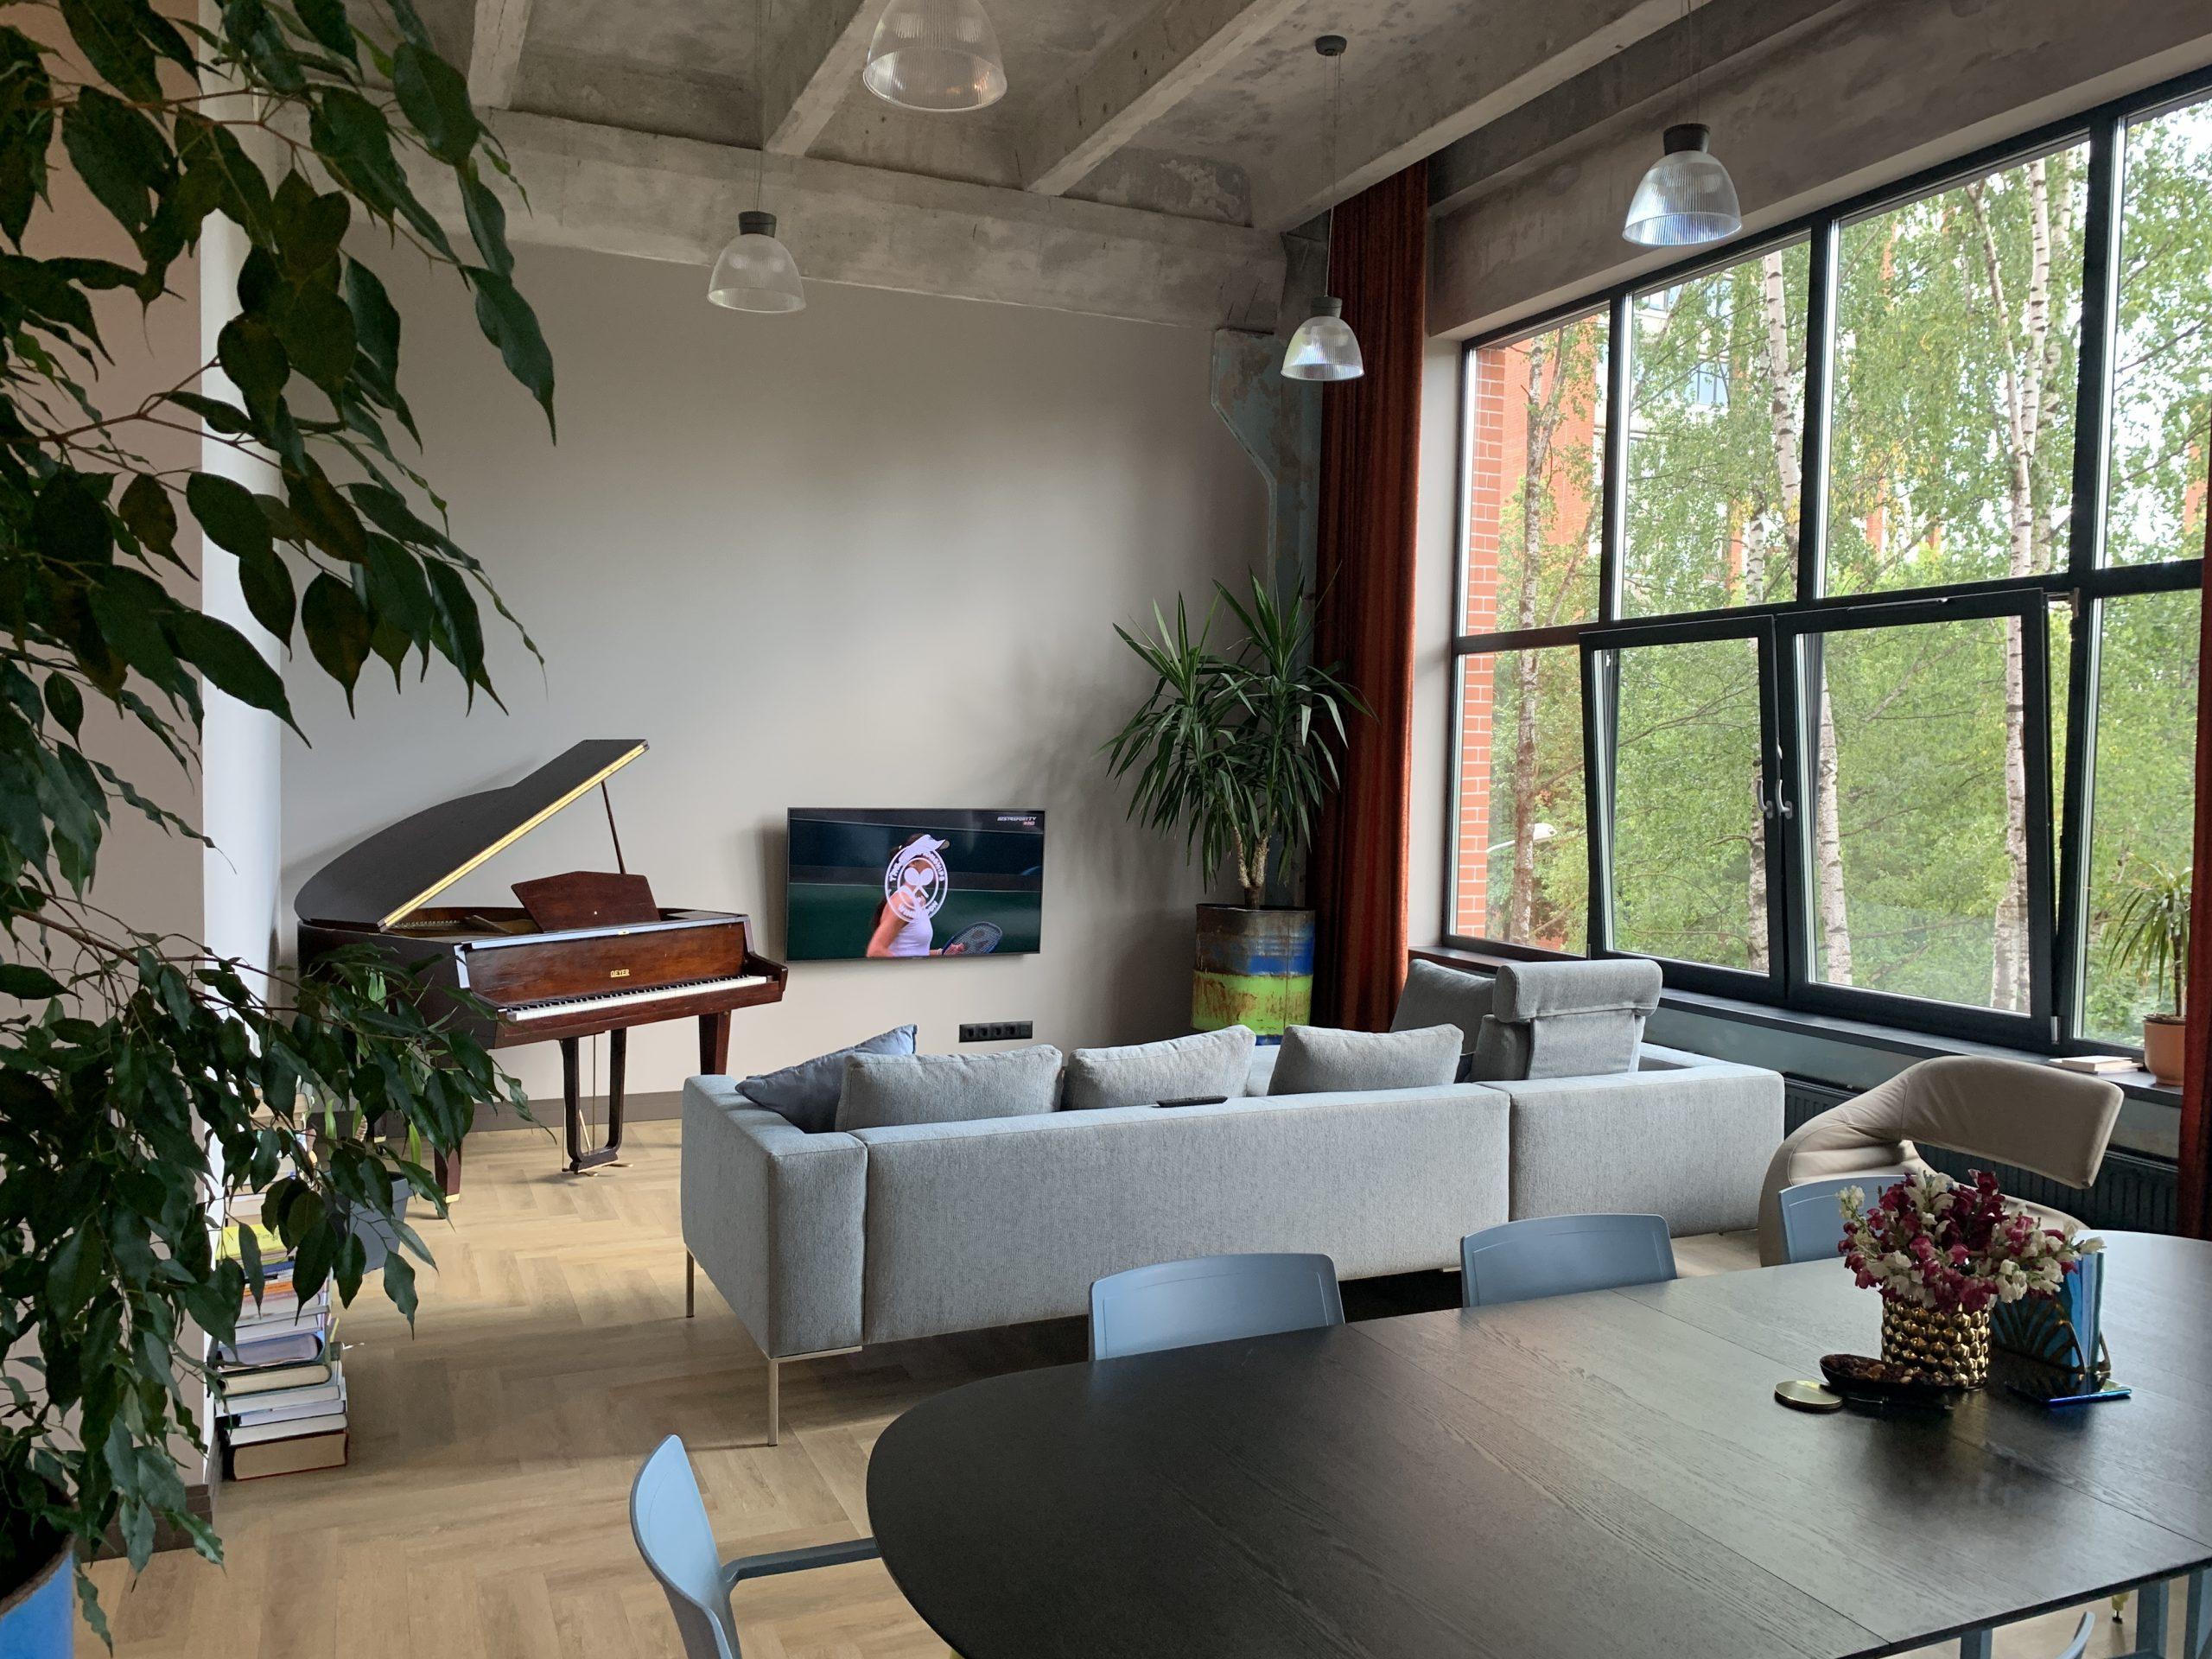 Продается квартира в новом лофт-проекте.